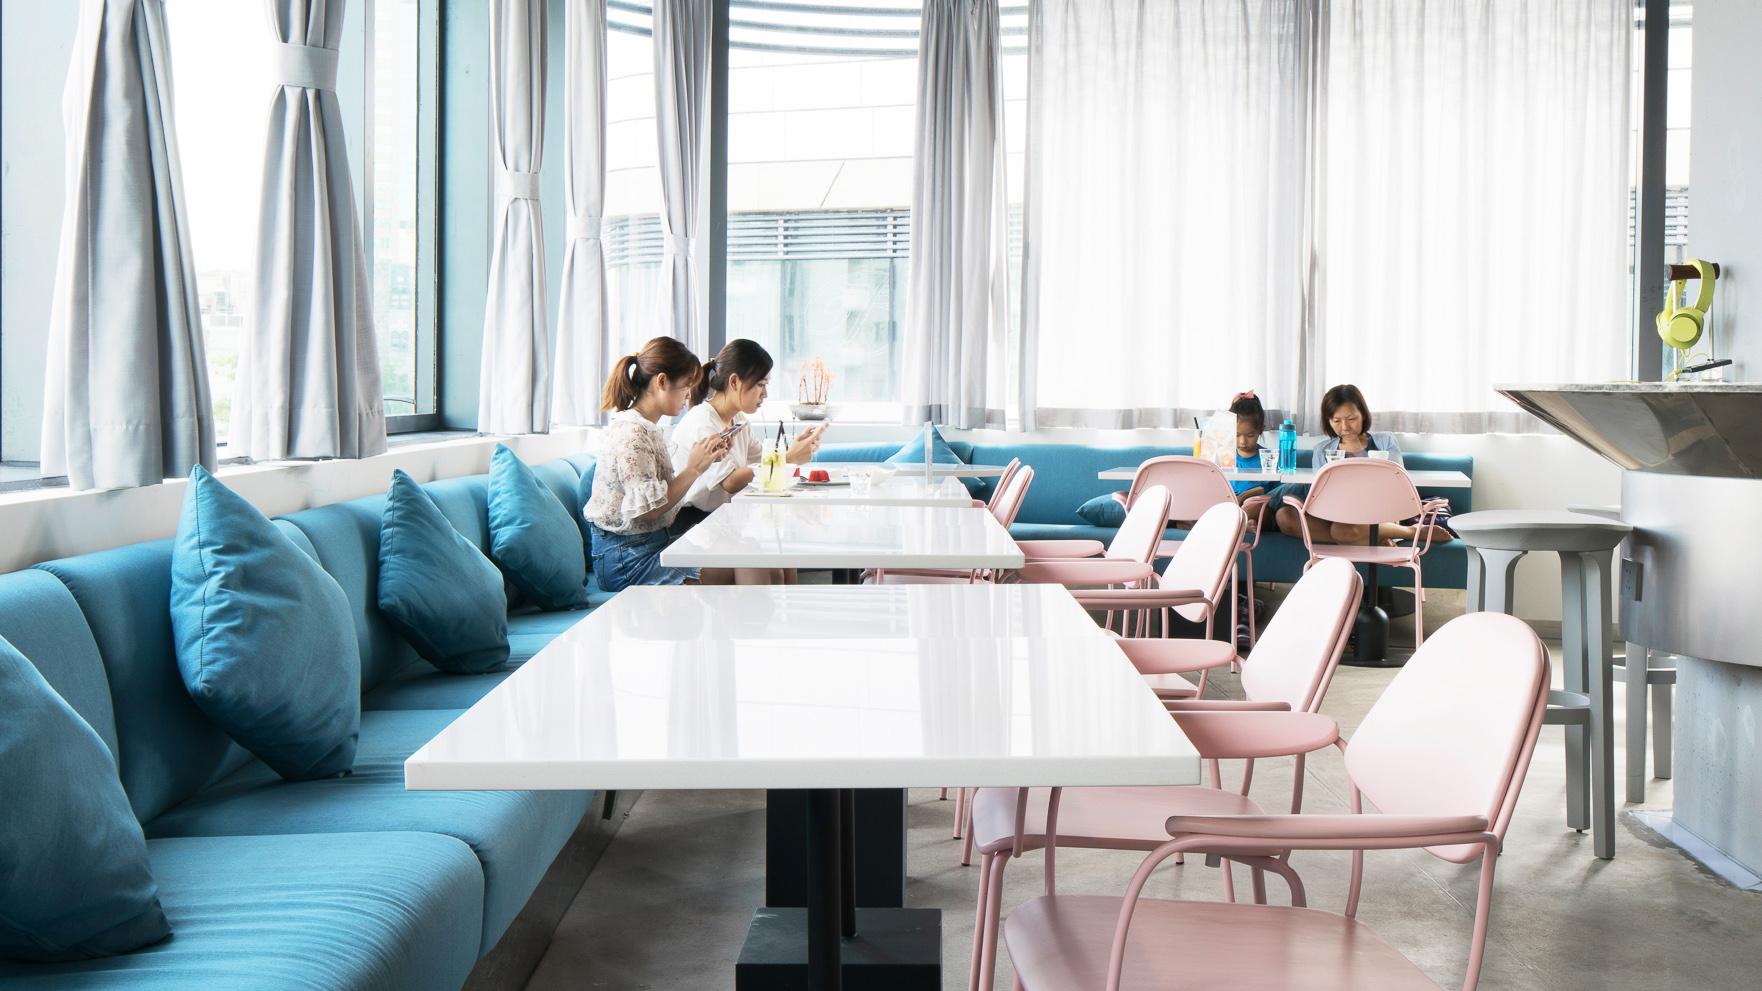 深圳3D Cafe | 这家玩3D黑科技的咖啡店,配了260把设计椅